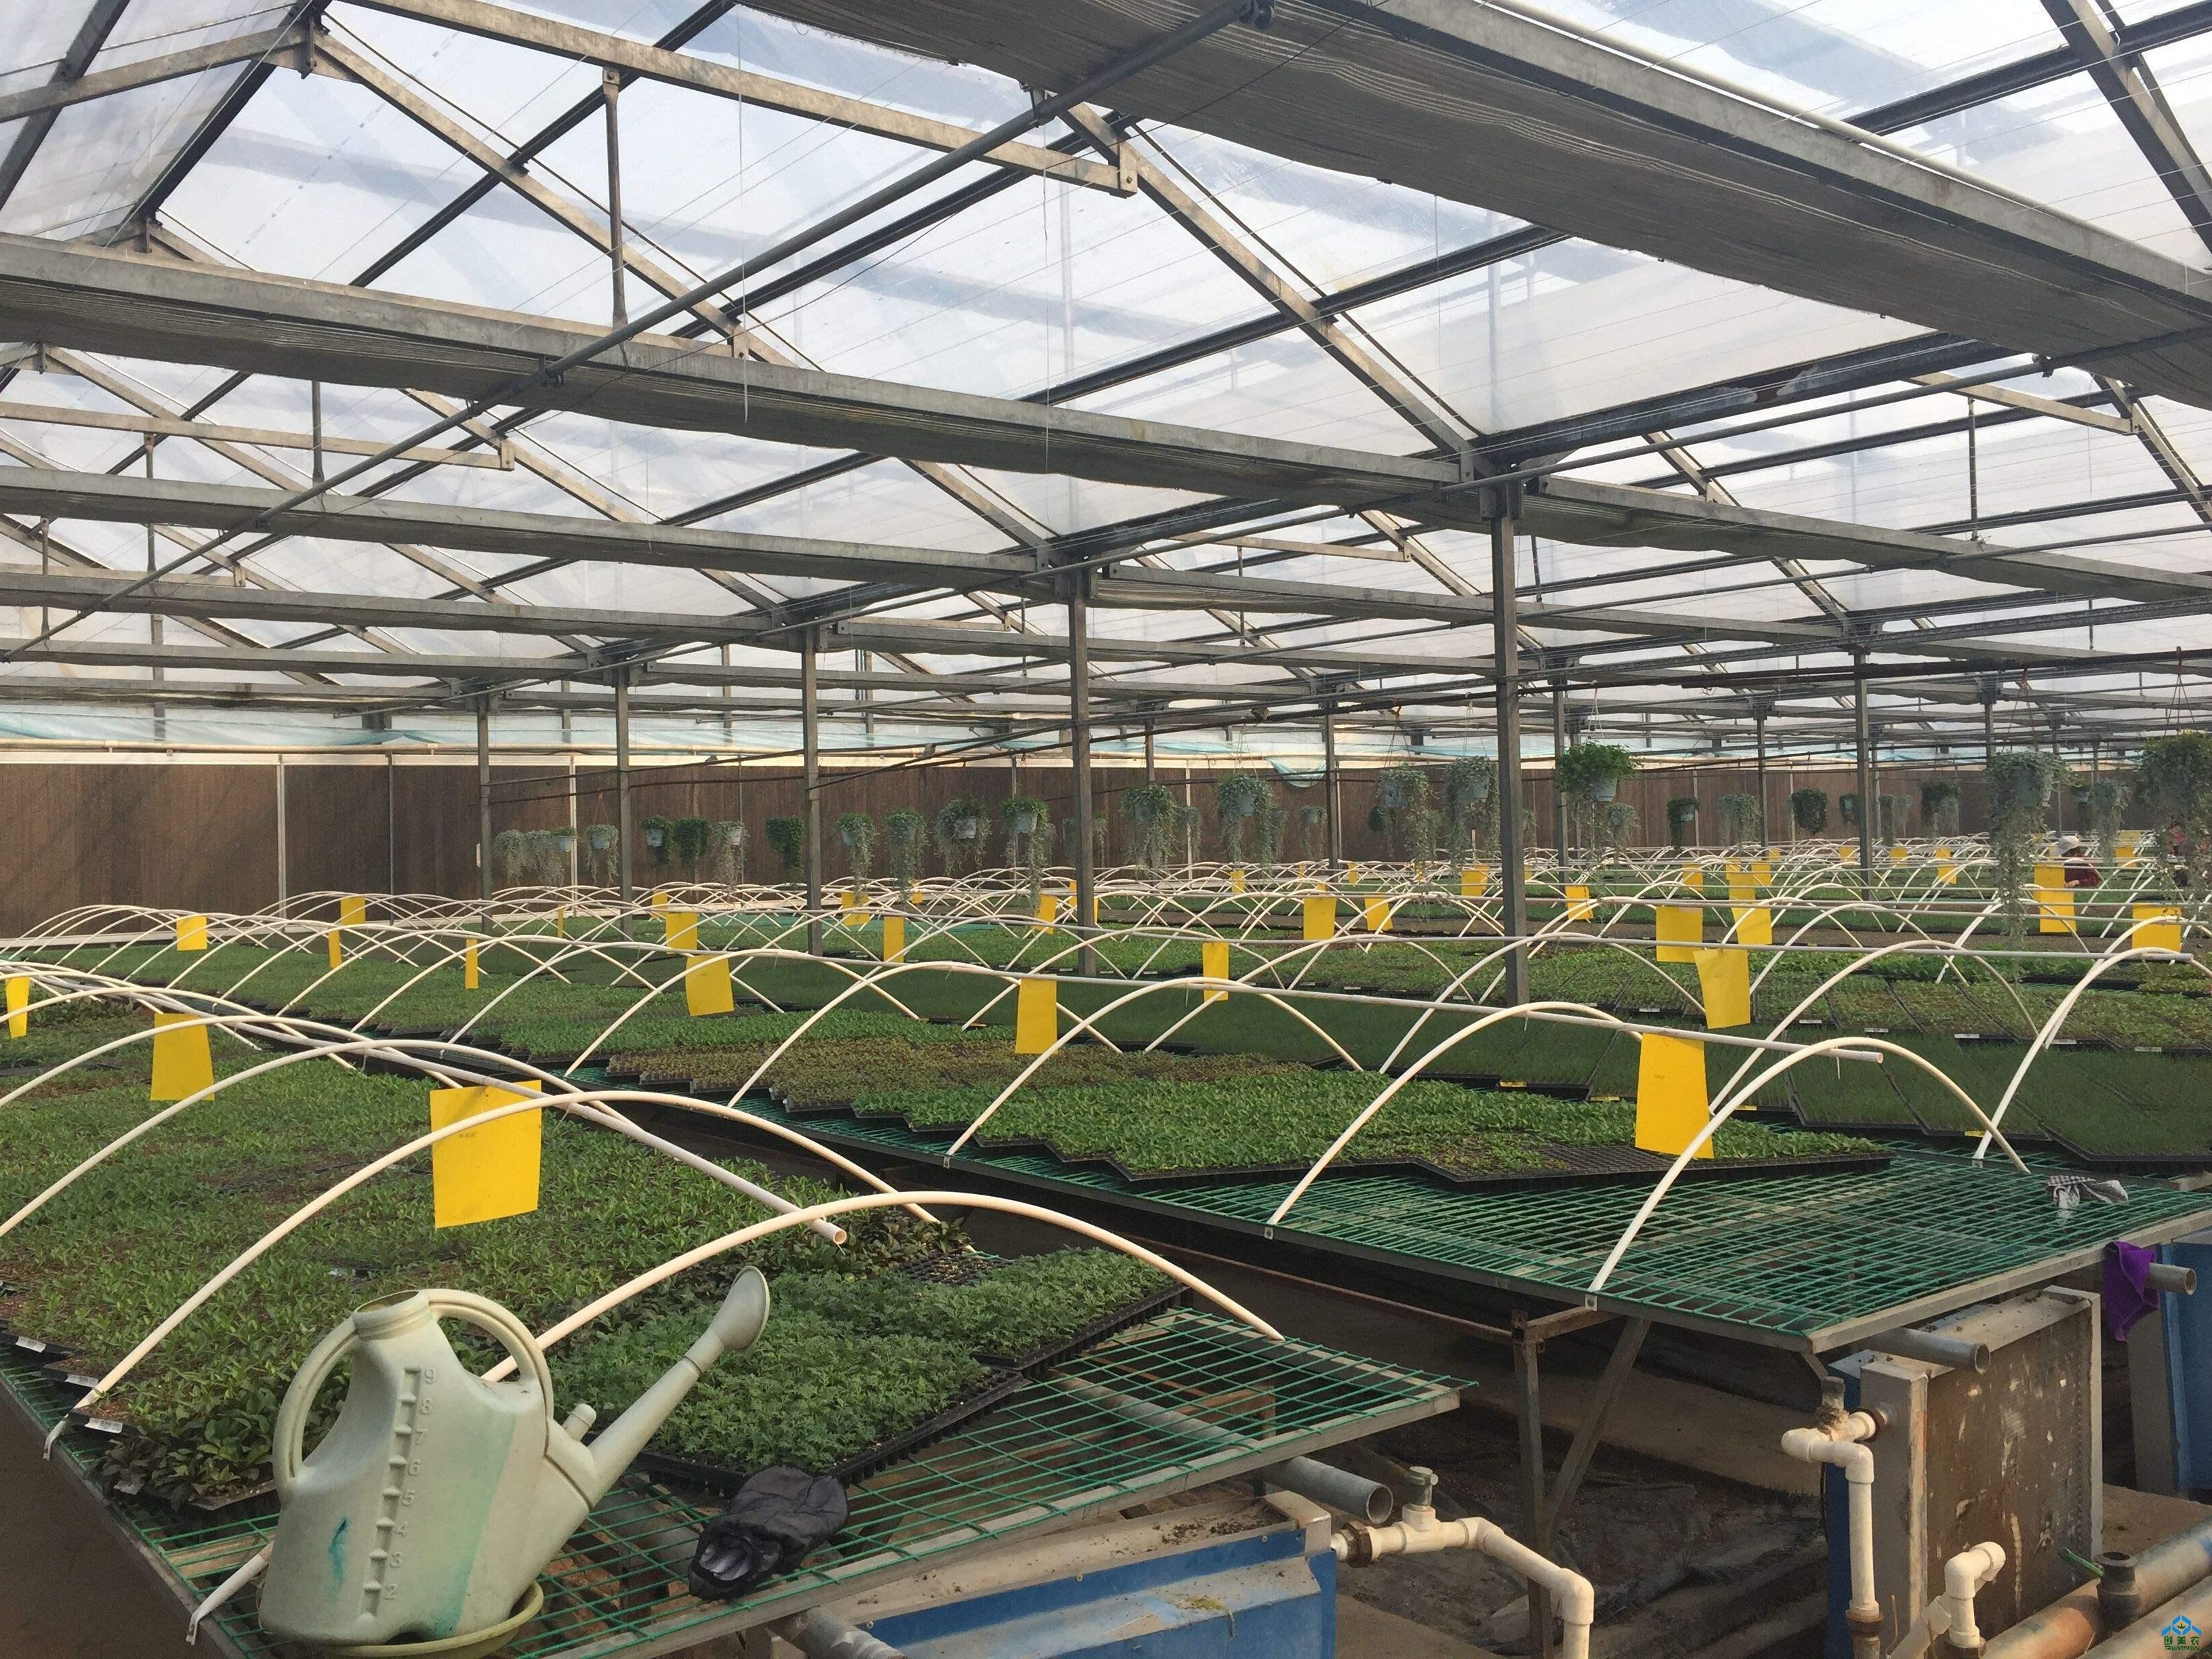 智能温室控制系统将成为推动智慧农业发展的重要力量